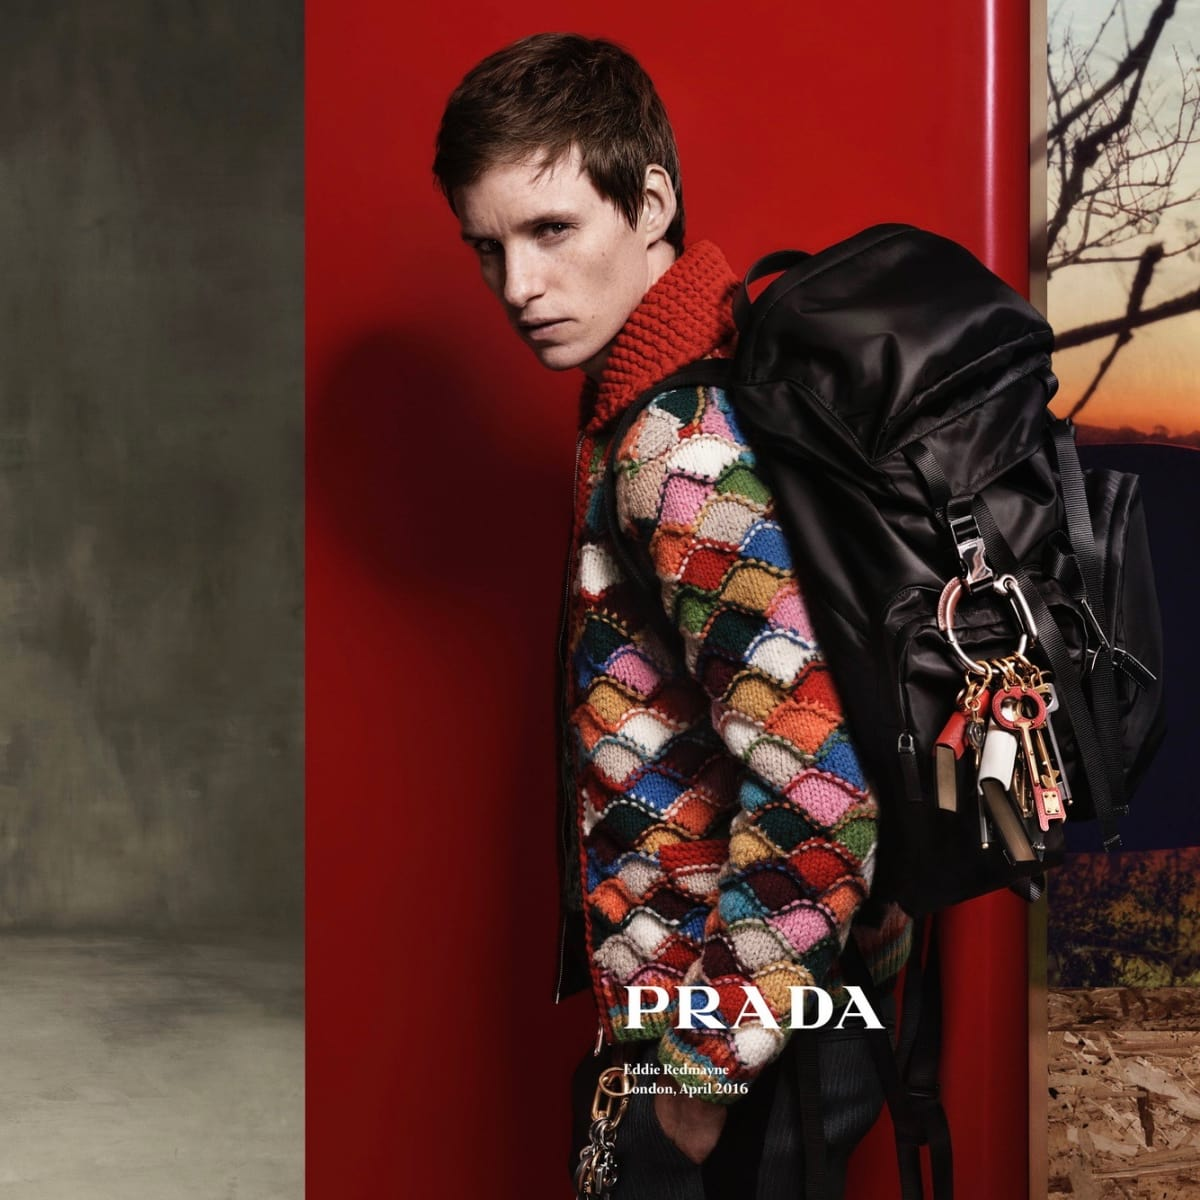 Eddie Redmayne in Prada fall ad campaign